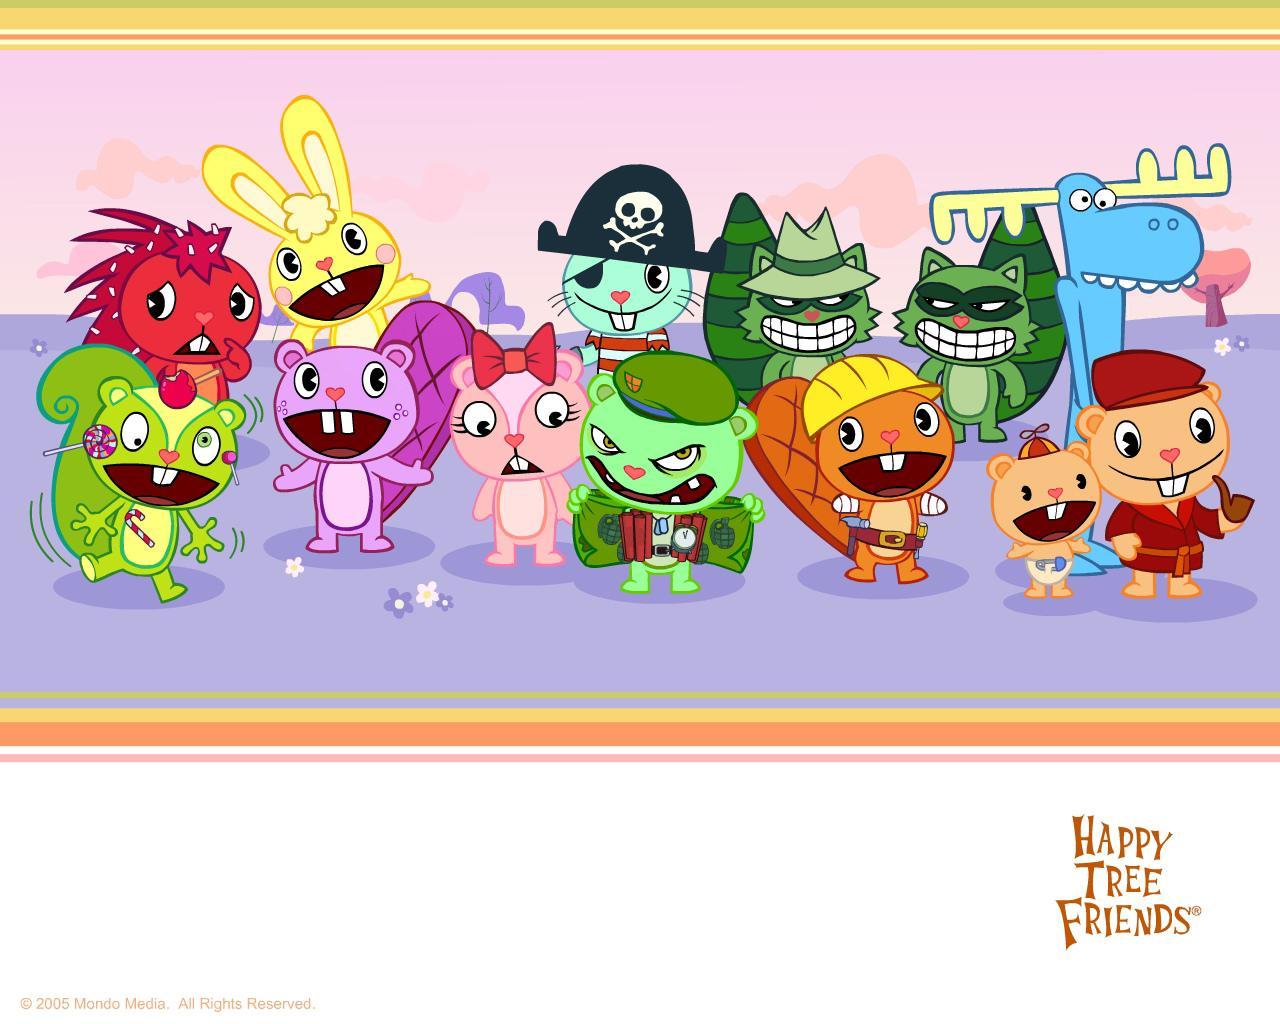 Happy Tree Friends Wallpaper Hd Download